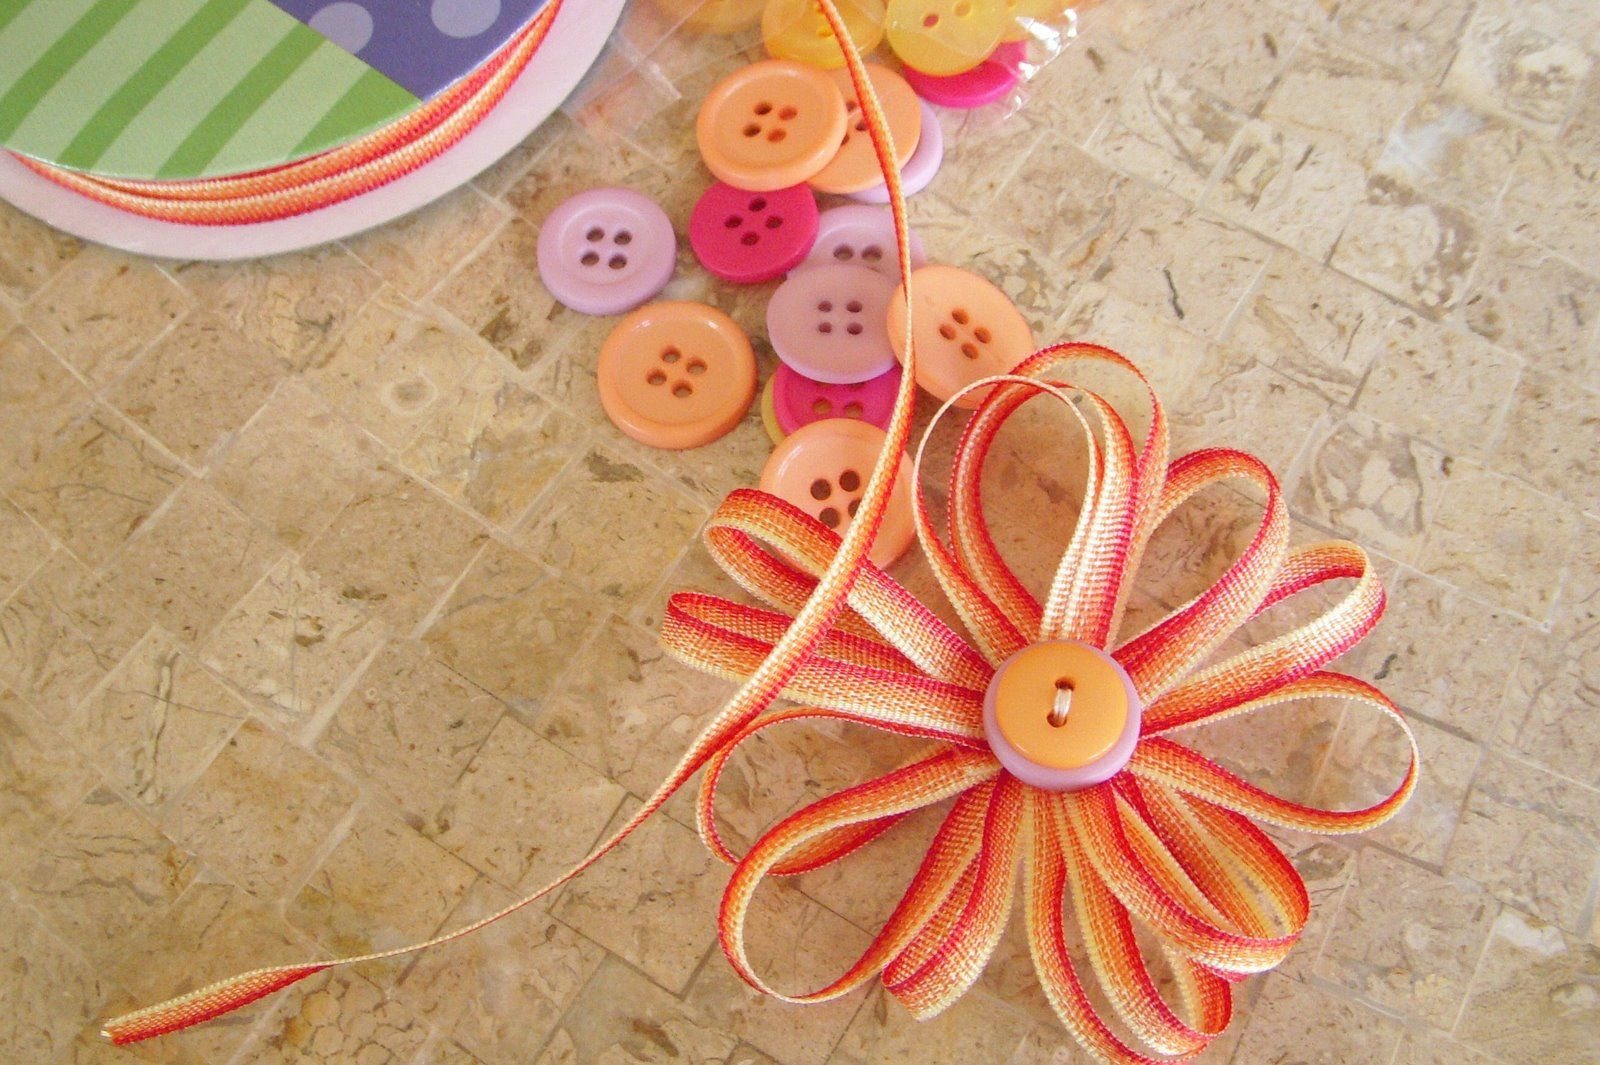 Si hay algo que me encanta es hacer flores artesanales, y para mi son una de las mejores opciones a la hora de obsequiar a mis amigas. Hoy te mostraré el sencillo paso a paso para hacer estas lindas flores con cintas de colores, que son más sencillas de lo que crees.Materiales:8 tiras de cinta de 20cm de largo Hilo y